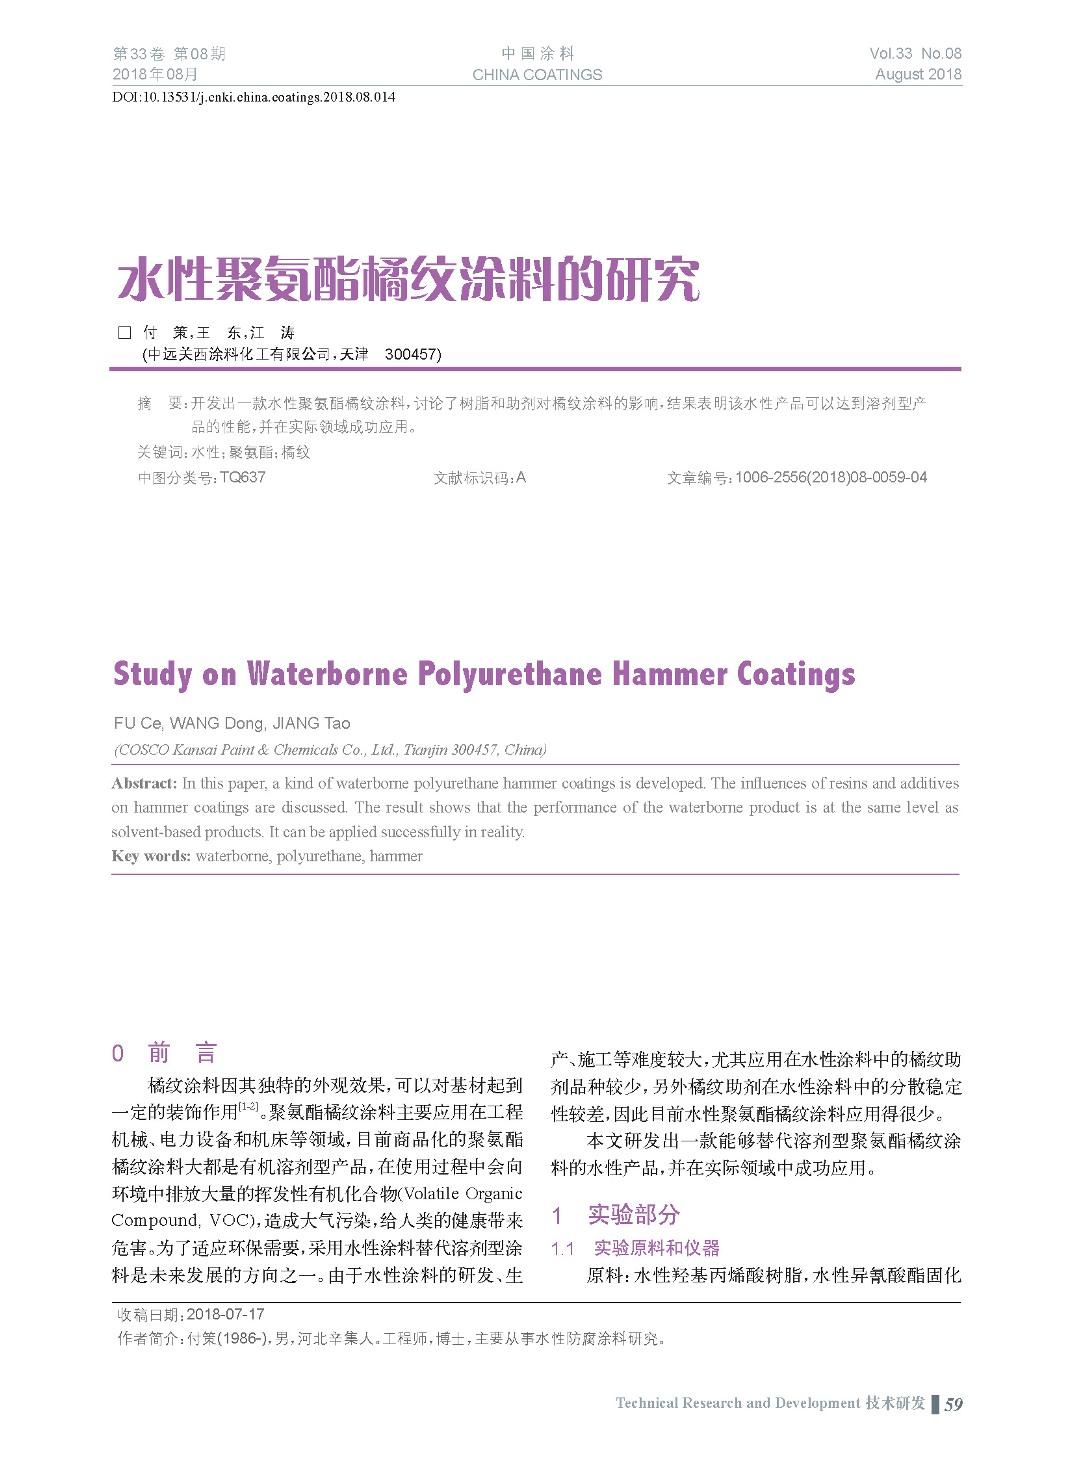 页面提取自-201808内文-14.jpg